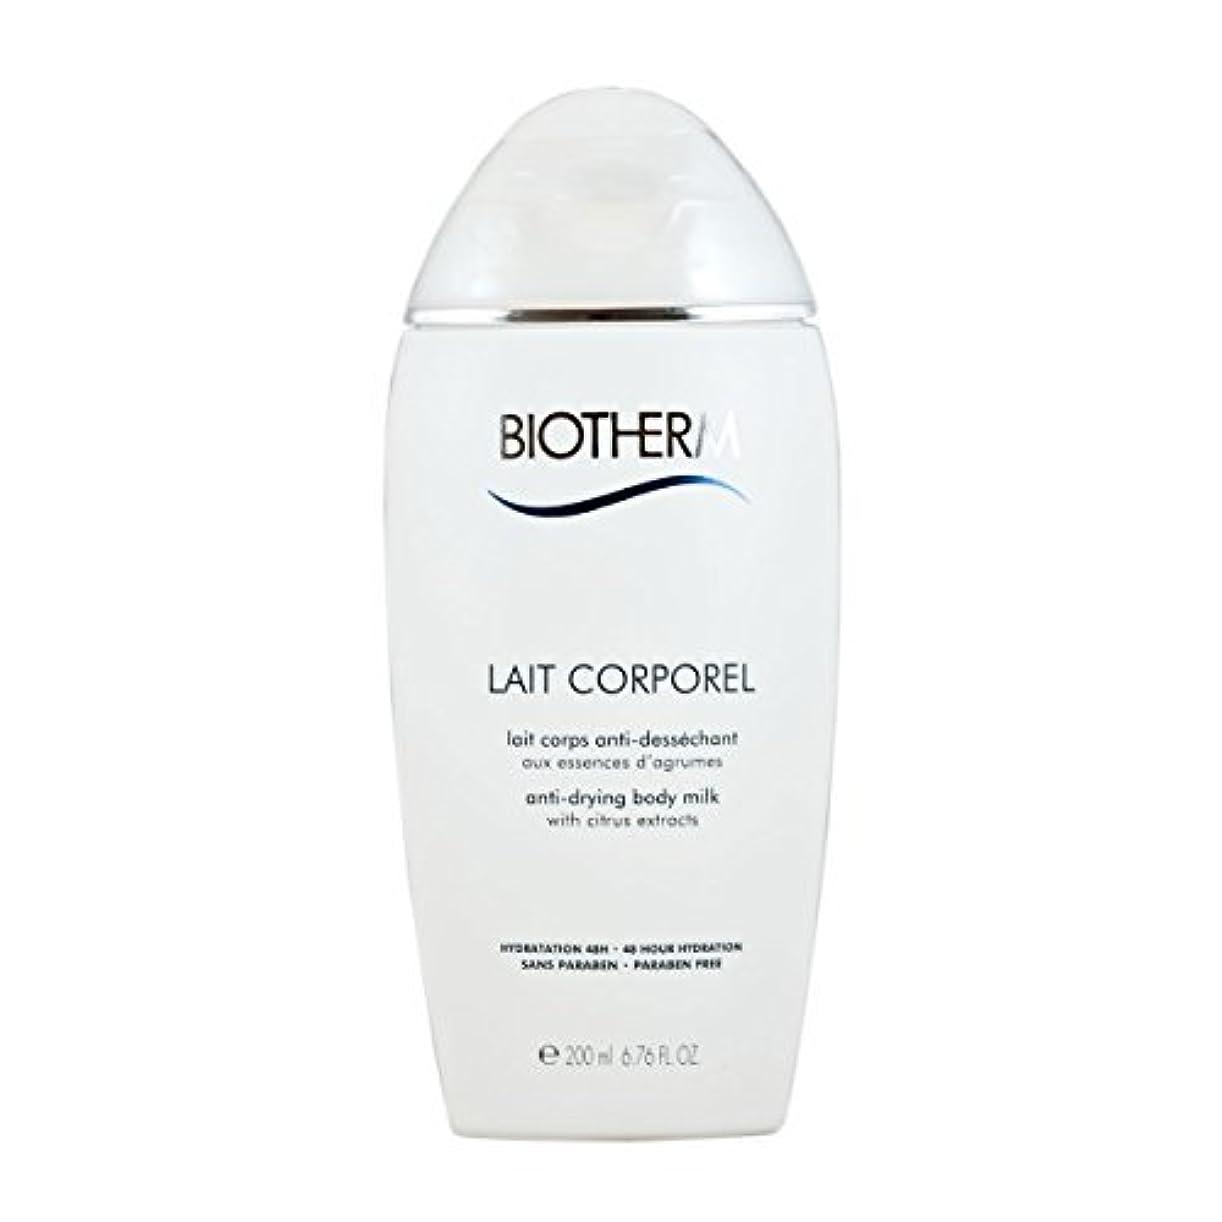 インレイ運搬後者Biotherm Lait Corporel Anti-Drying Body Milk 6.76 Ounce [並行輸入品]